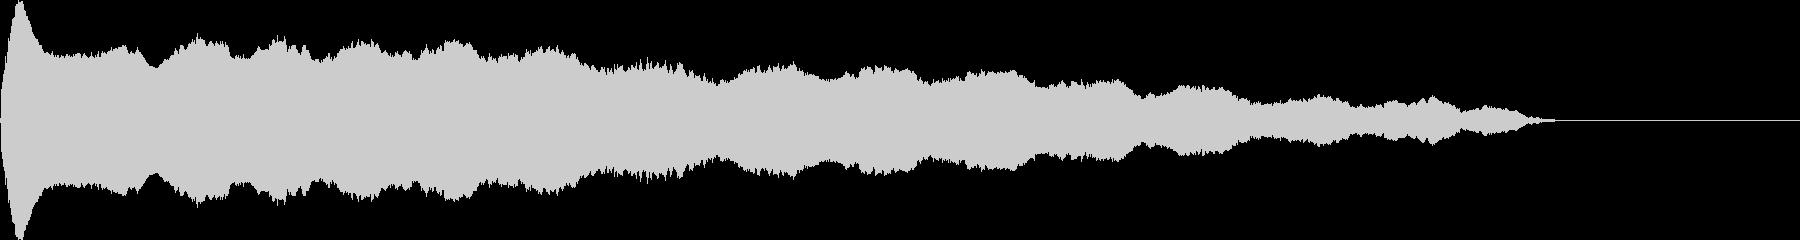 ウーウウウー (精霊の声)の未再生の波形